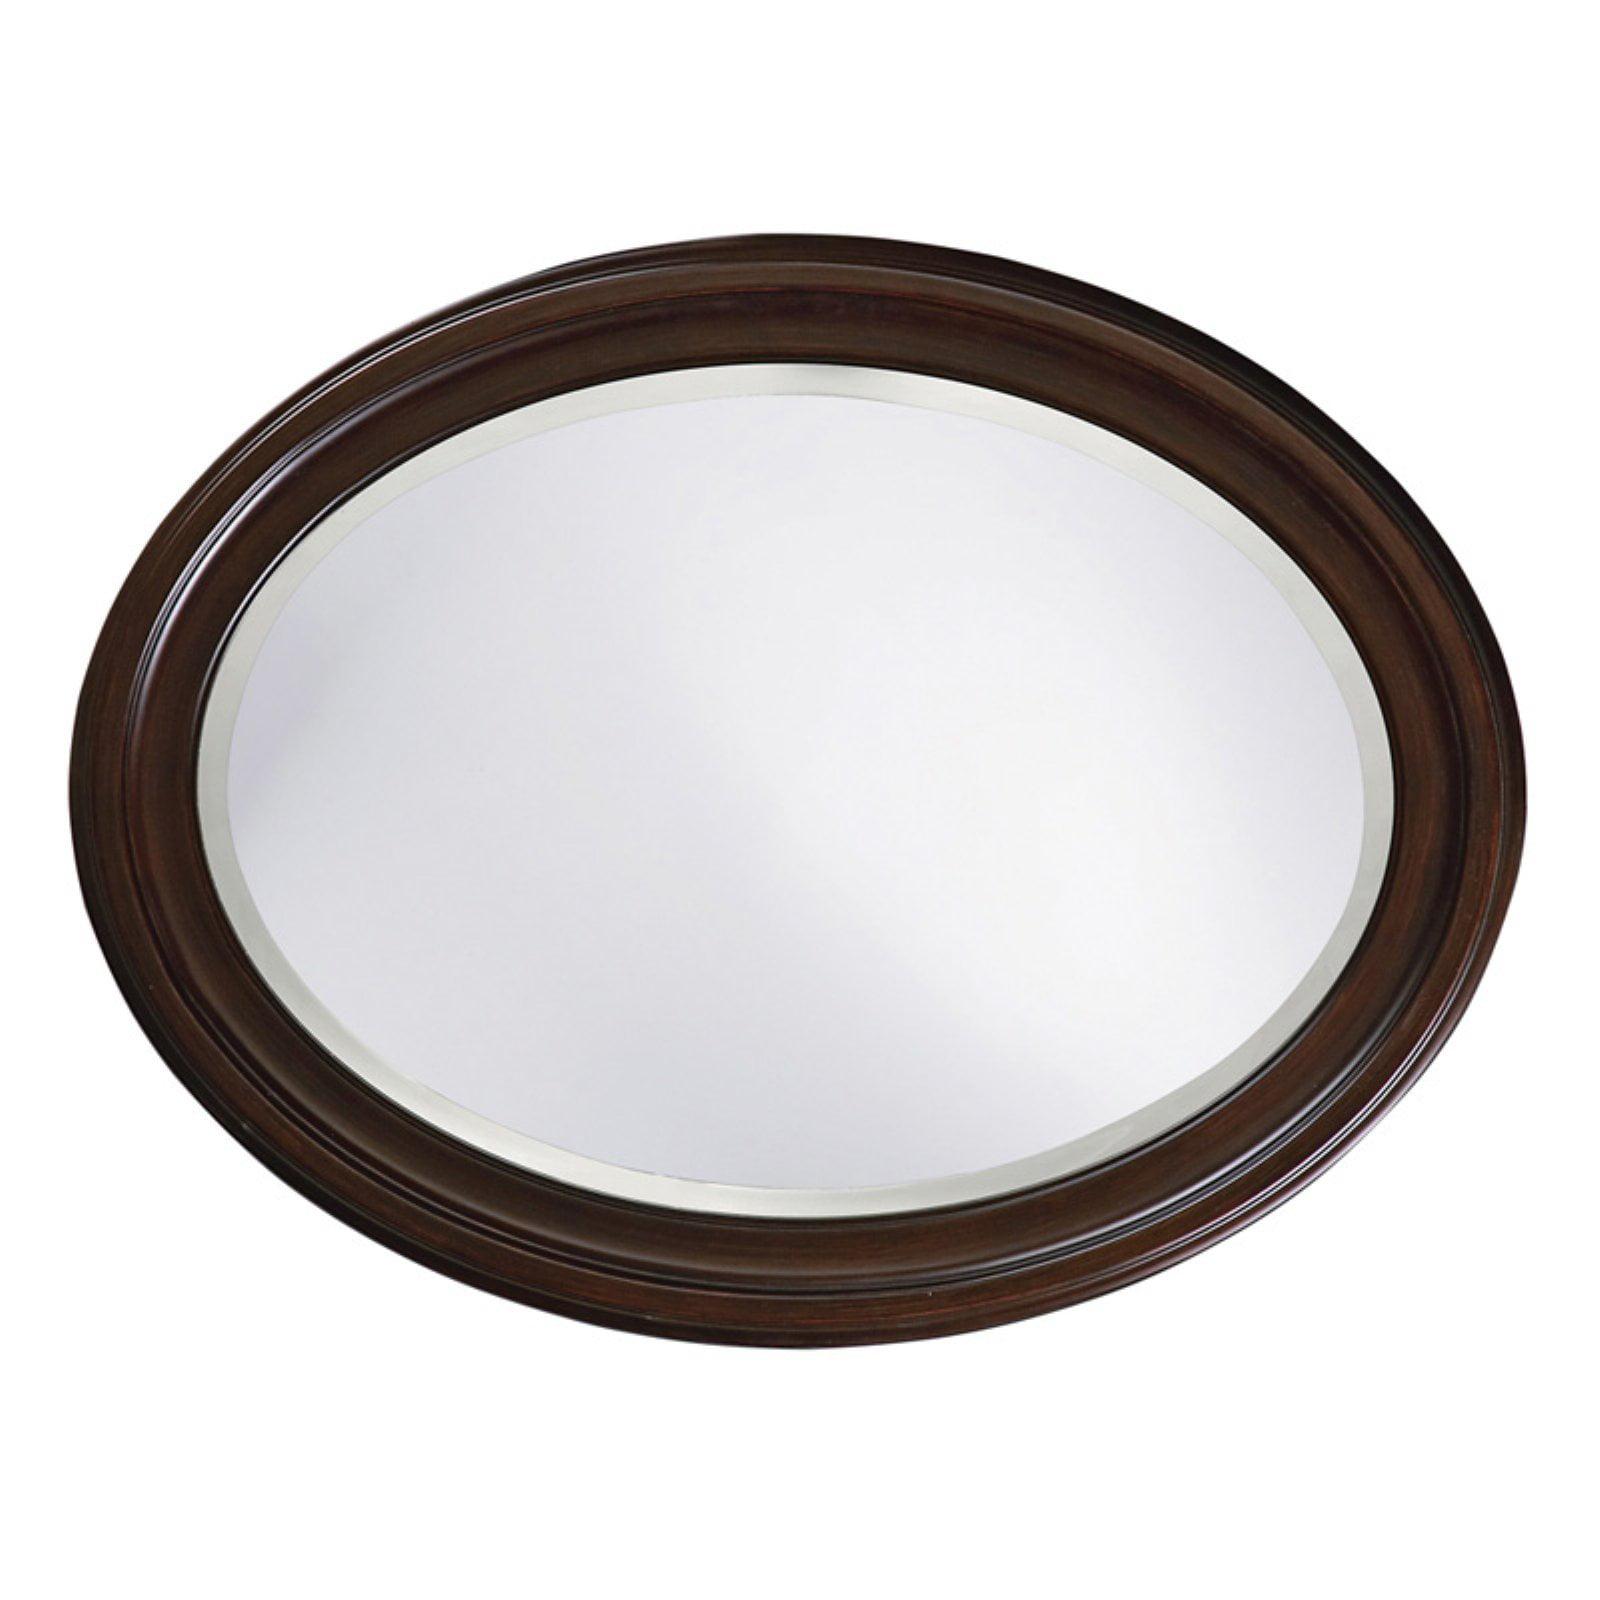 Belham Living Oval Wall Mirror Brown 25W x 33H in. by Howard Elliott